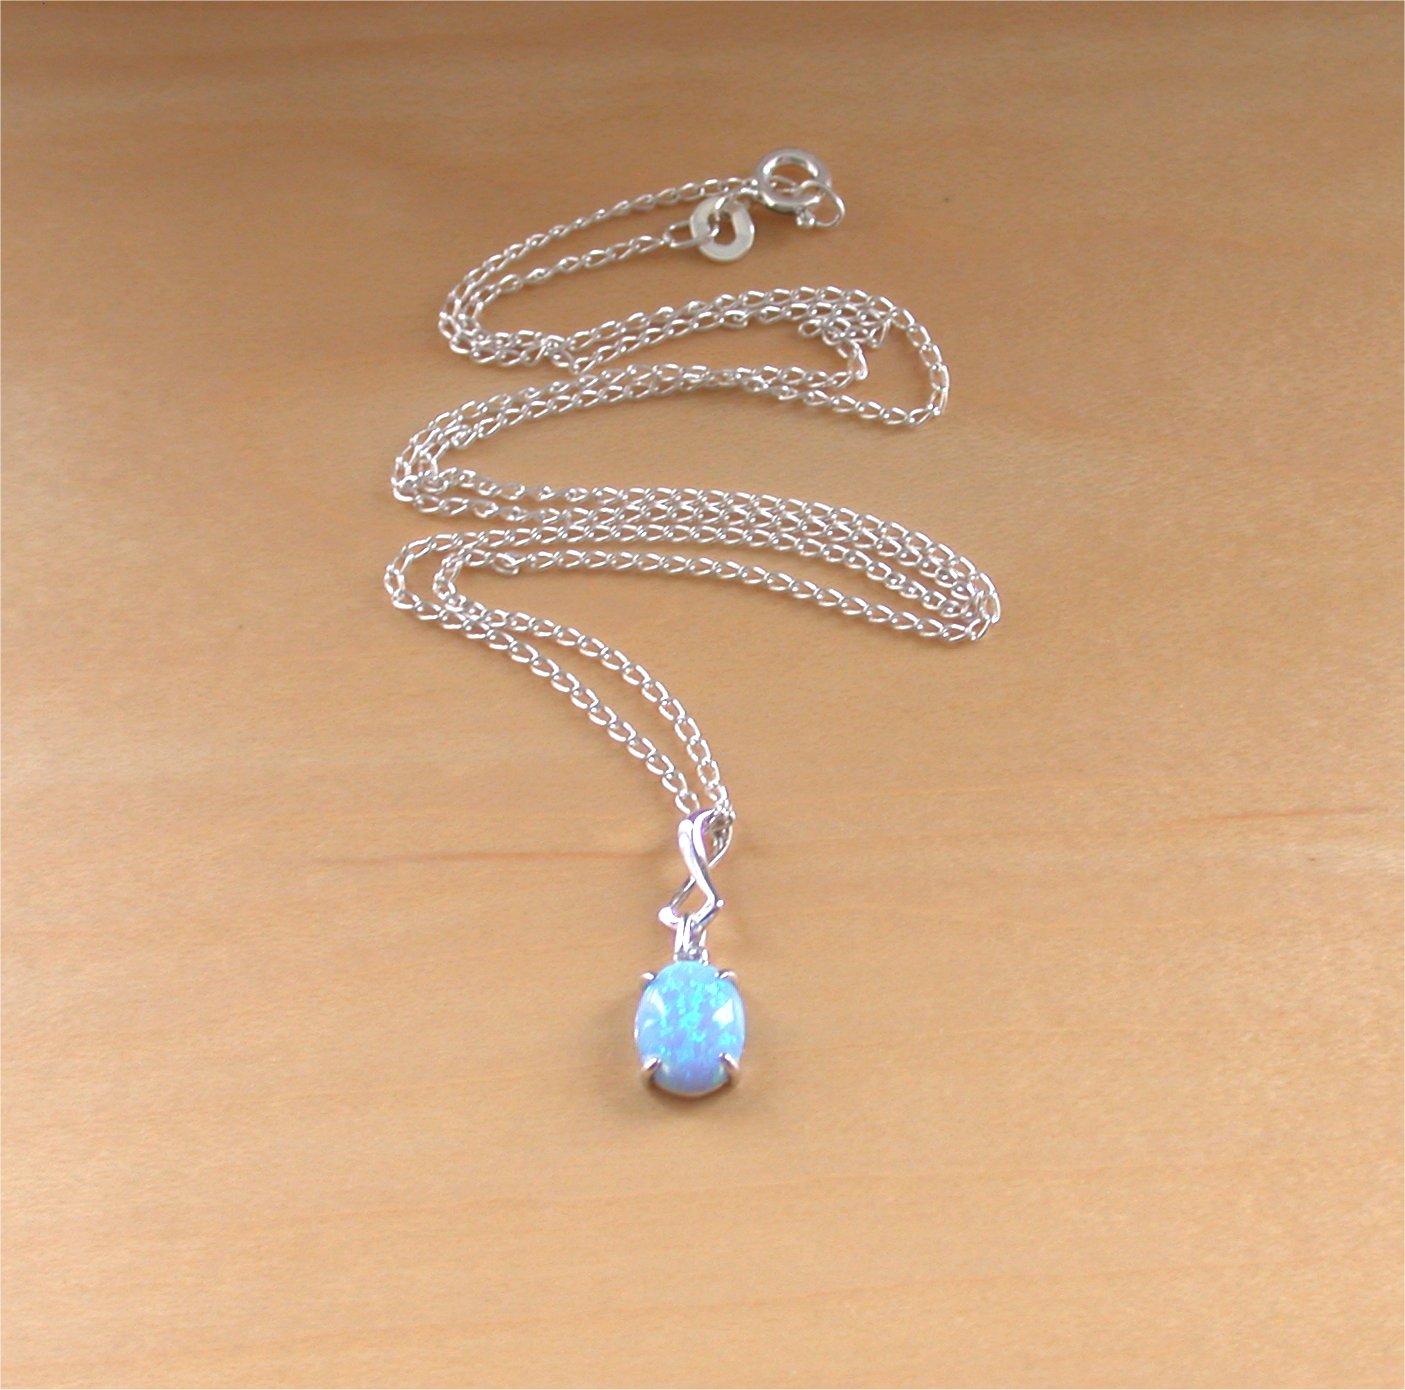 925 blue opal pendant 18 silver chainblue opal necklaceblue 925 blue opal pendant 18 silver chainblue opal necklaceblue opal aloadofball Gallery